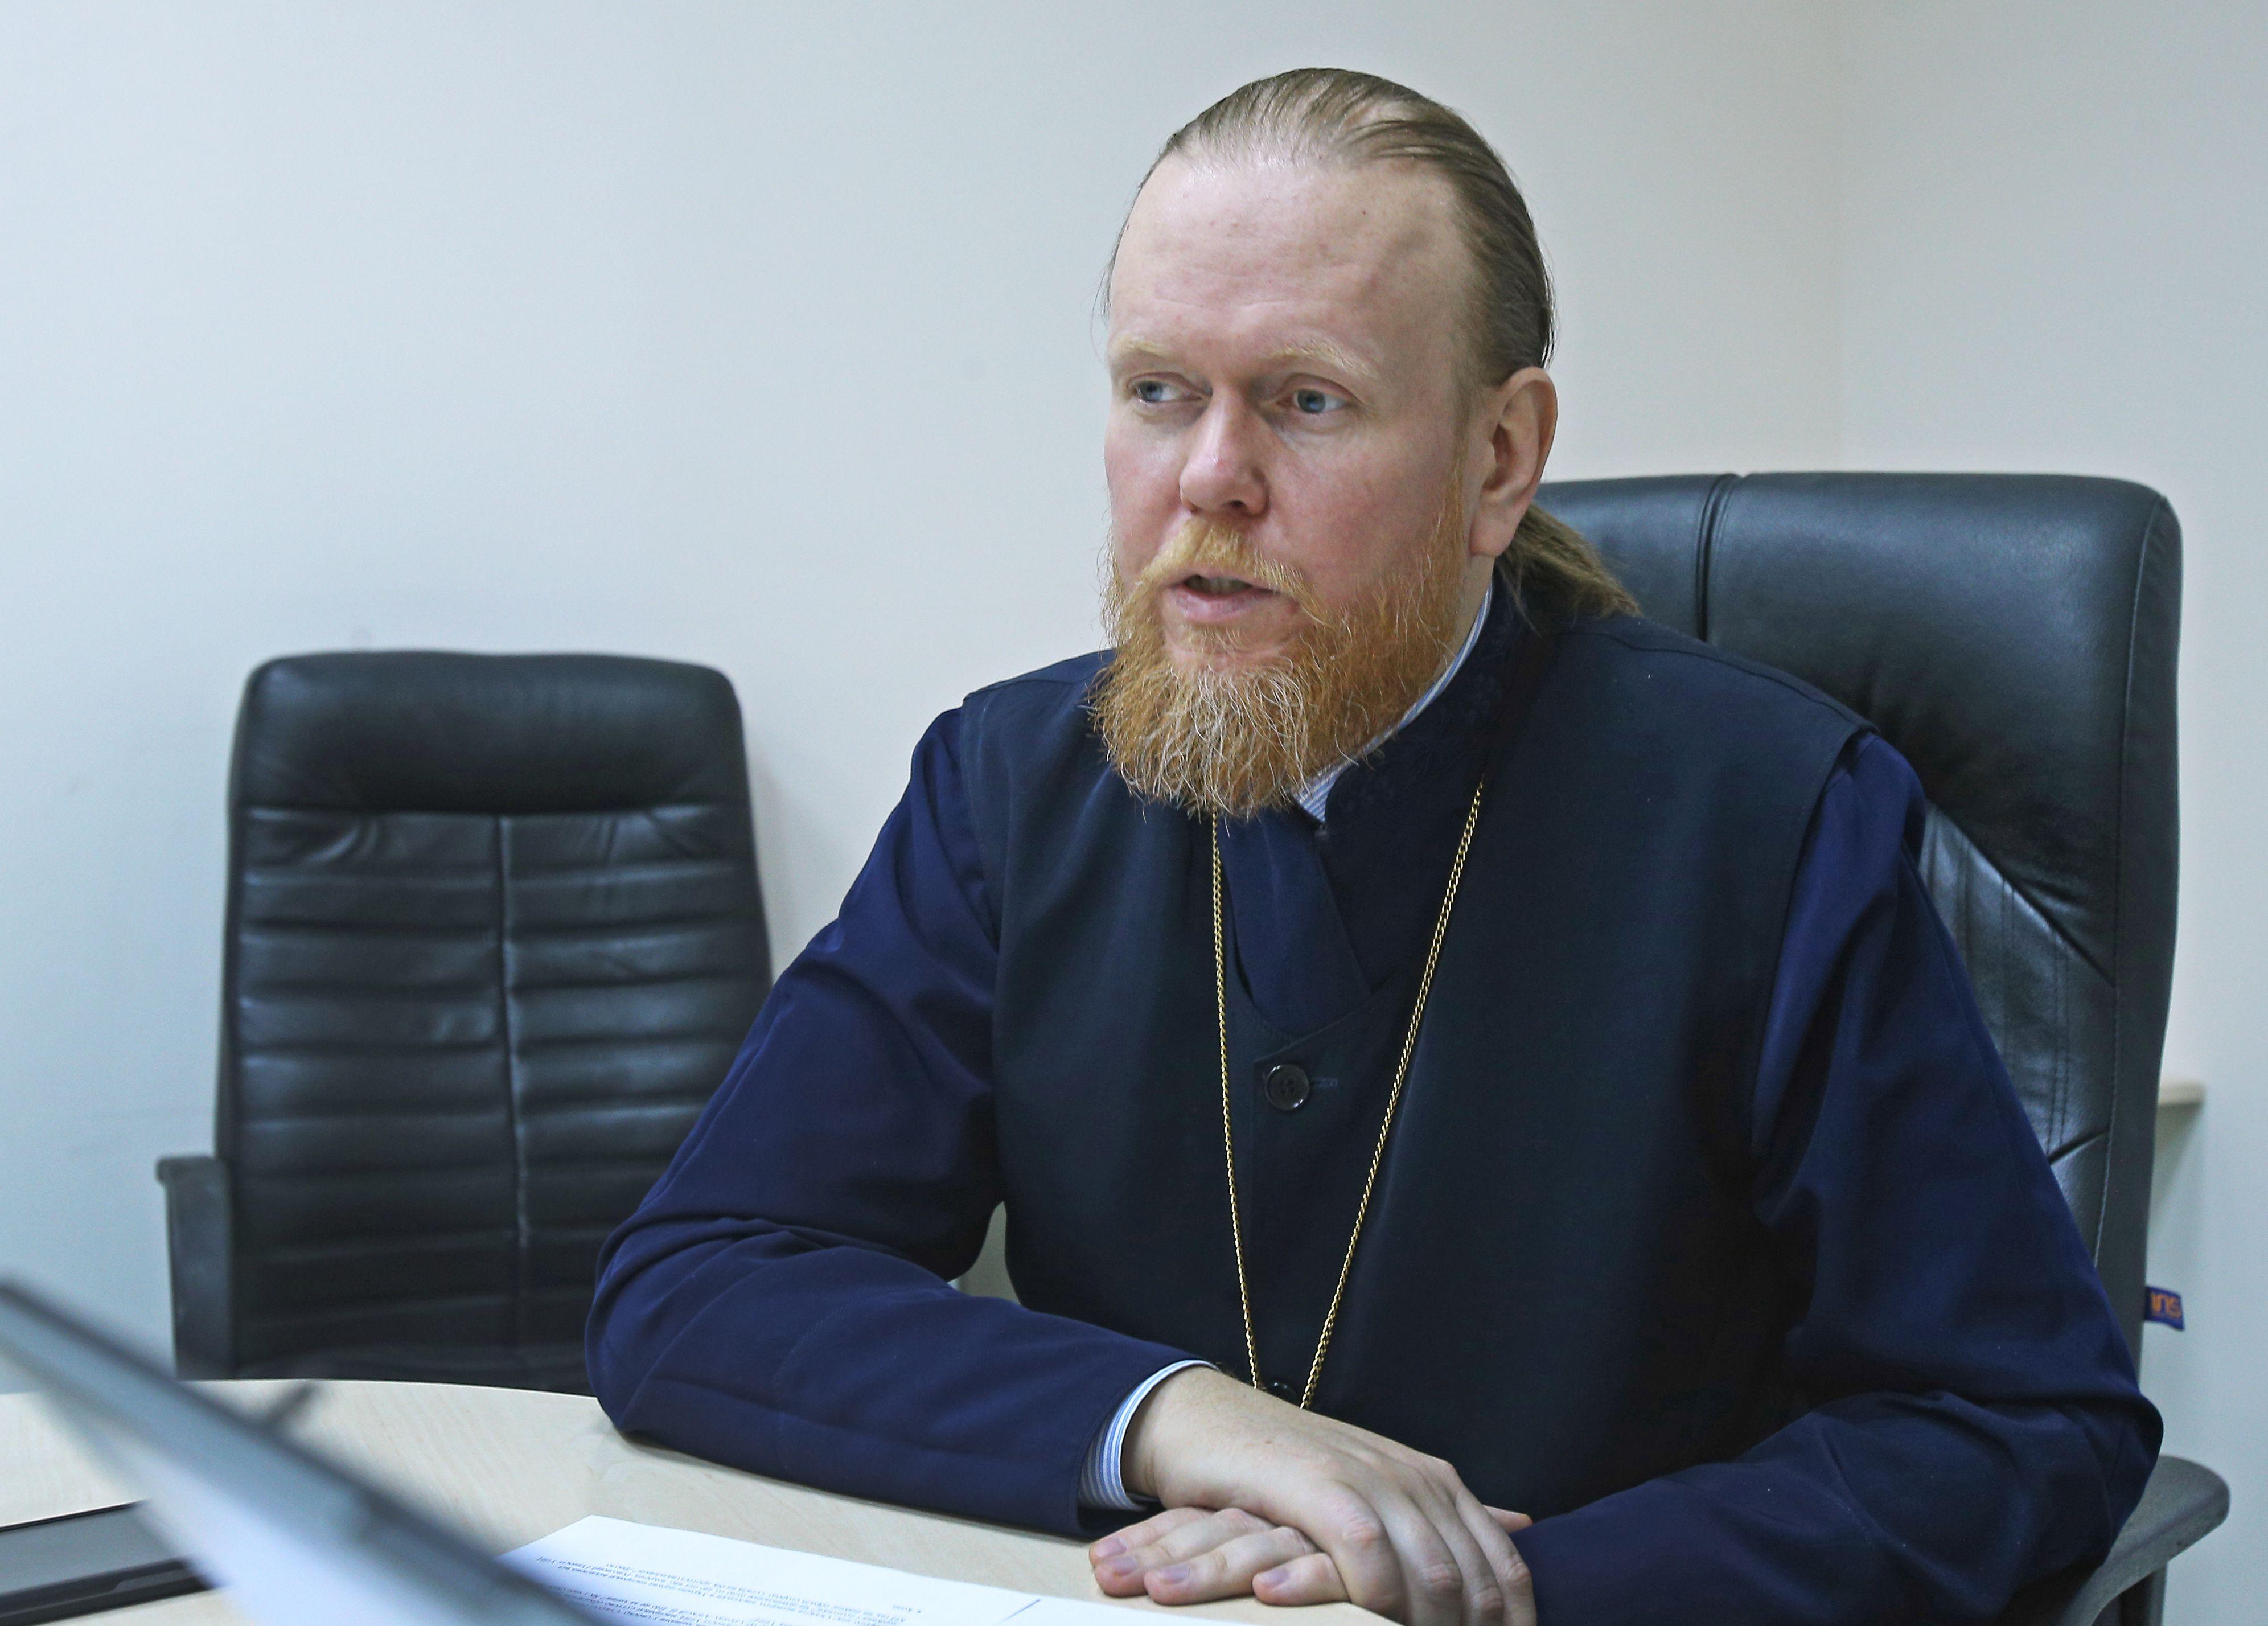 Россия организовала очередной информационный вброс в попытке помешать автокефалии УПЦ